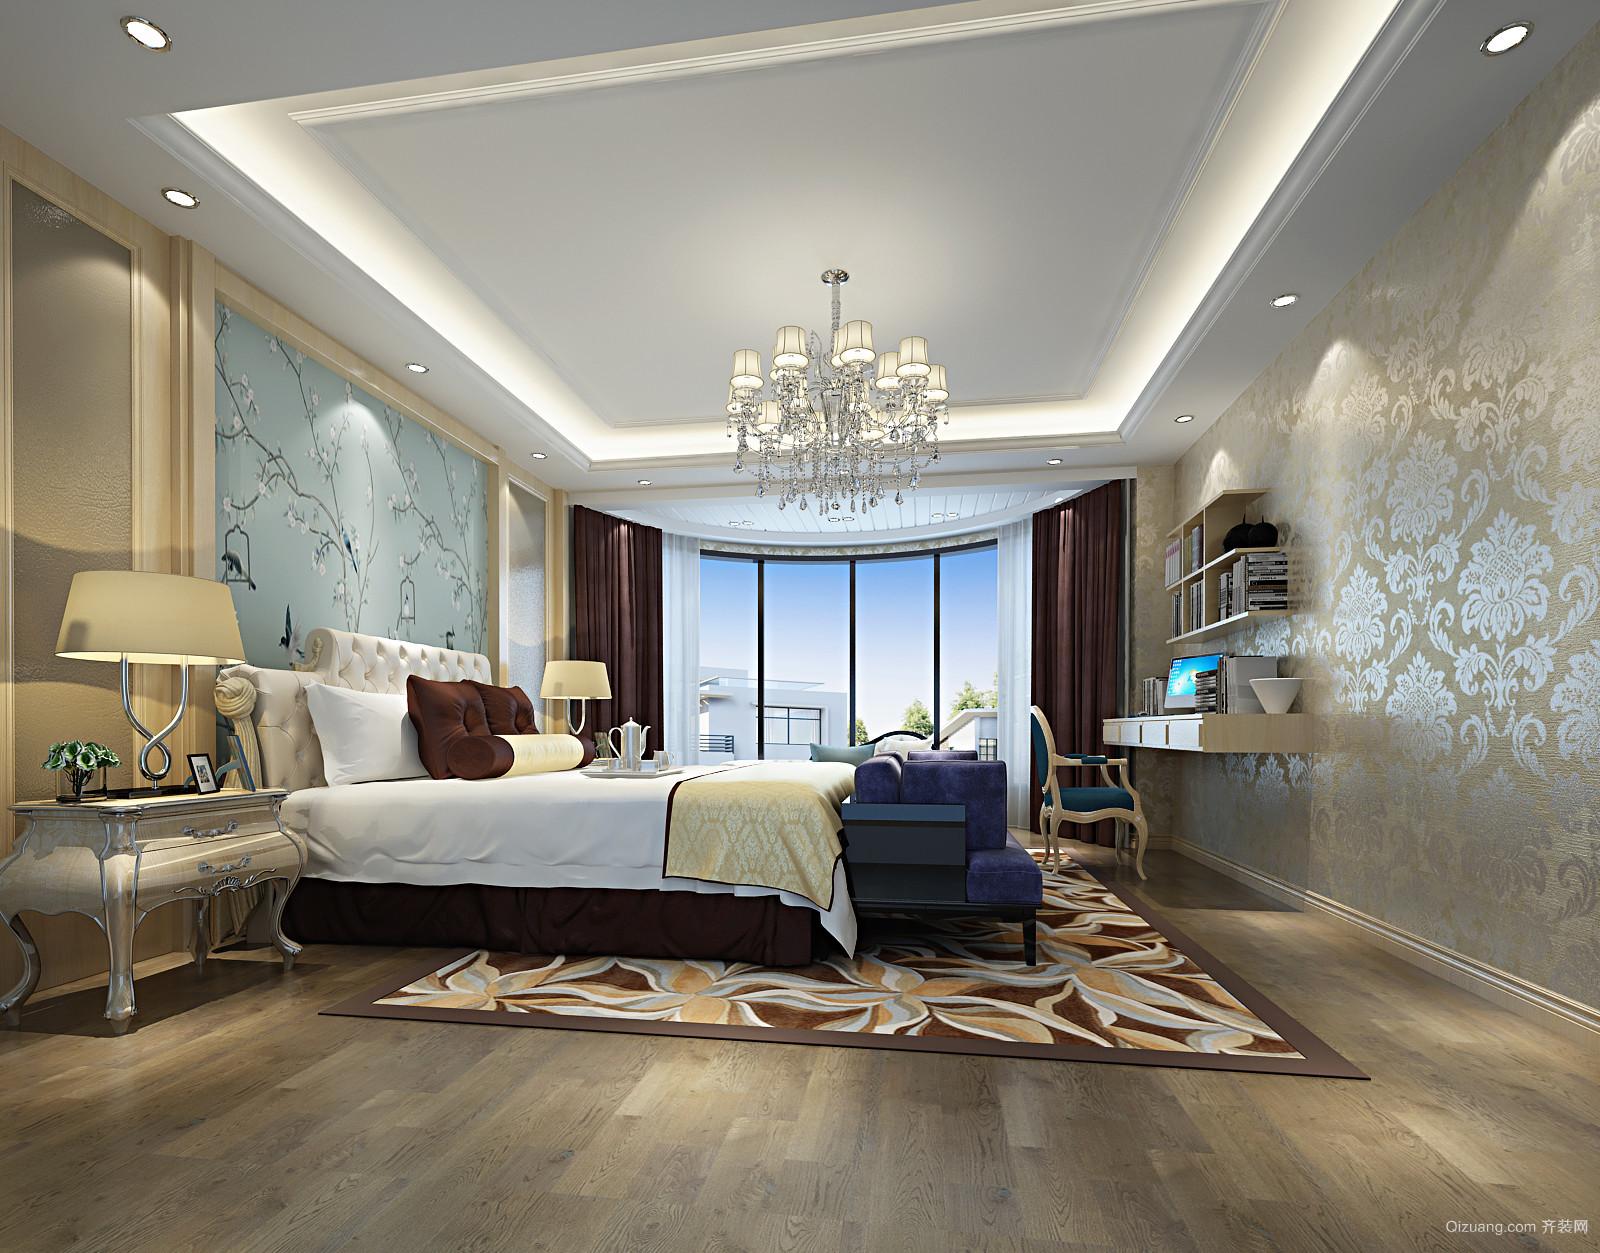 自建房设计欧式风格装修效果图实景图